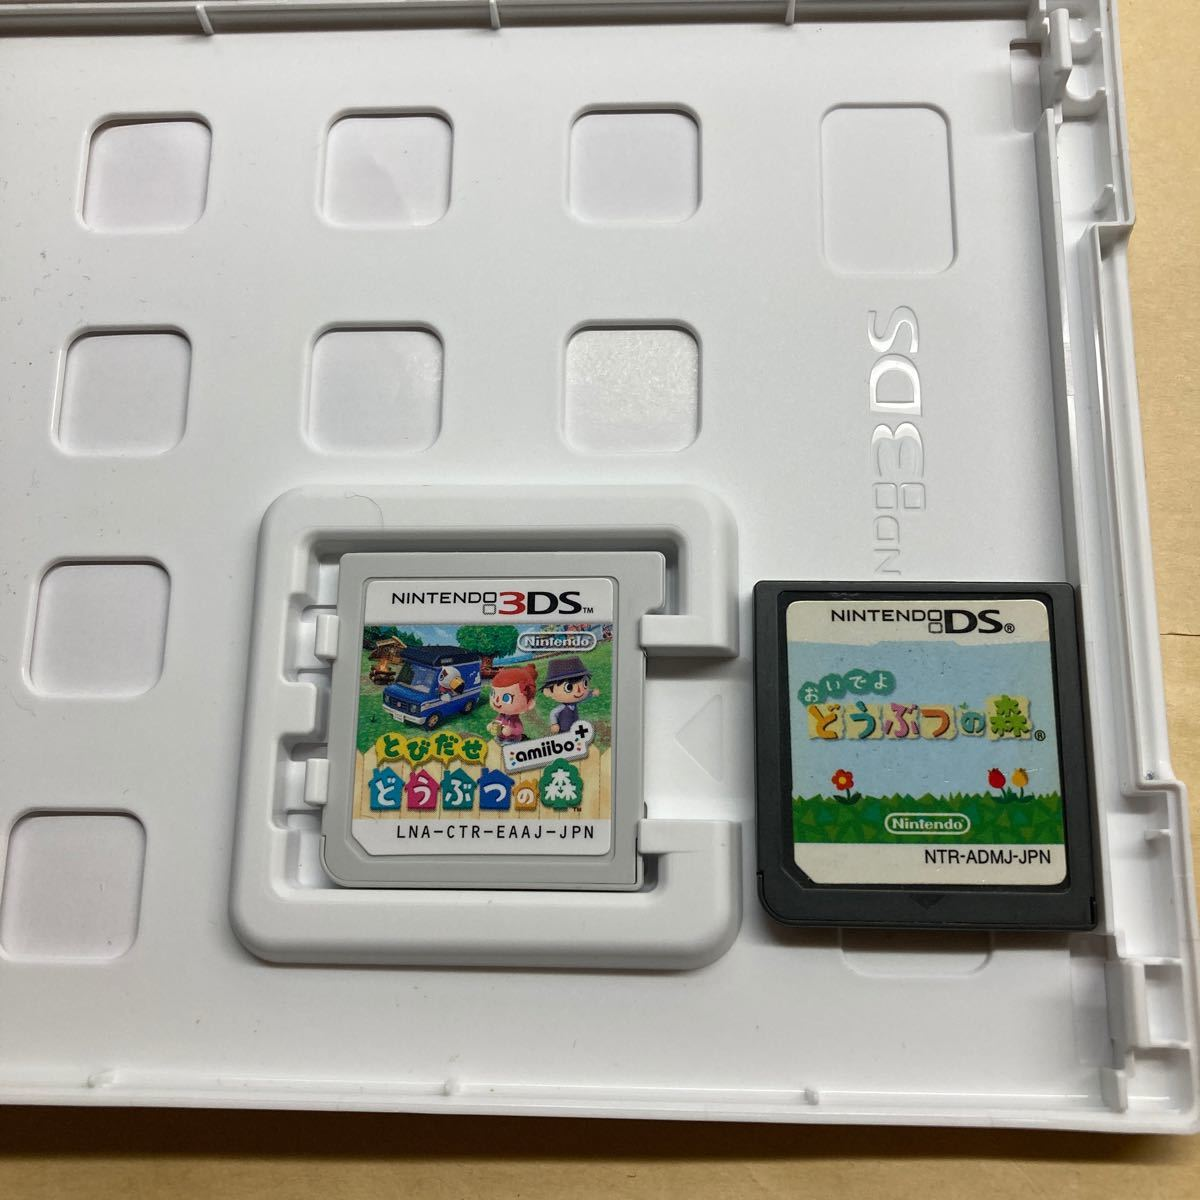 とびだせどうぶつの森amiibo+、おいでよどうぶつの森 3DSソフト